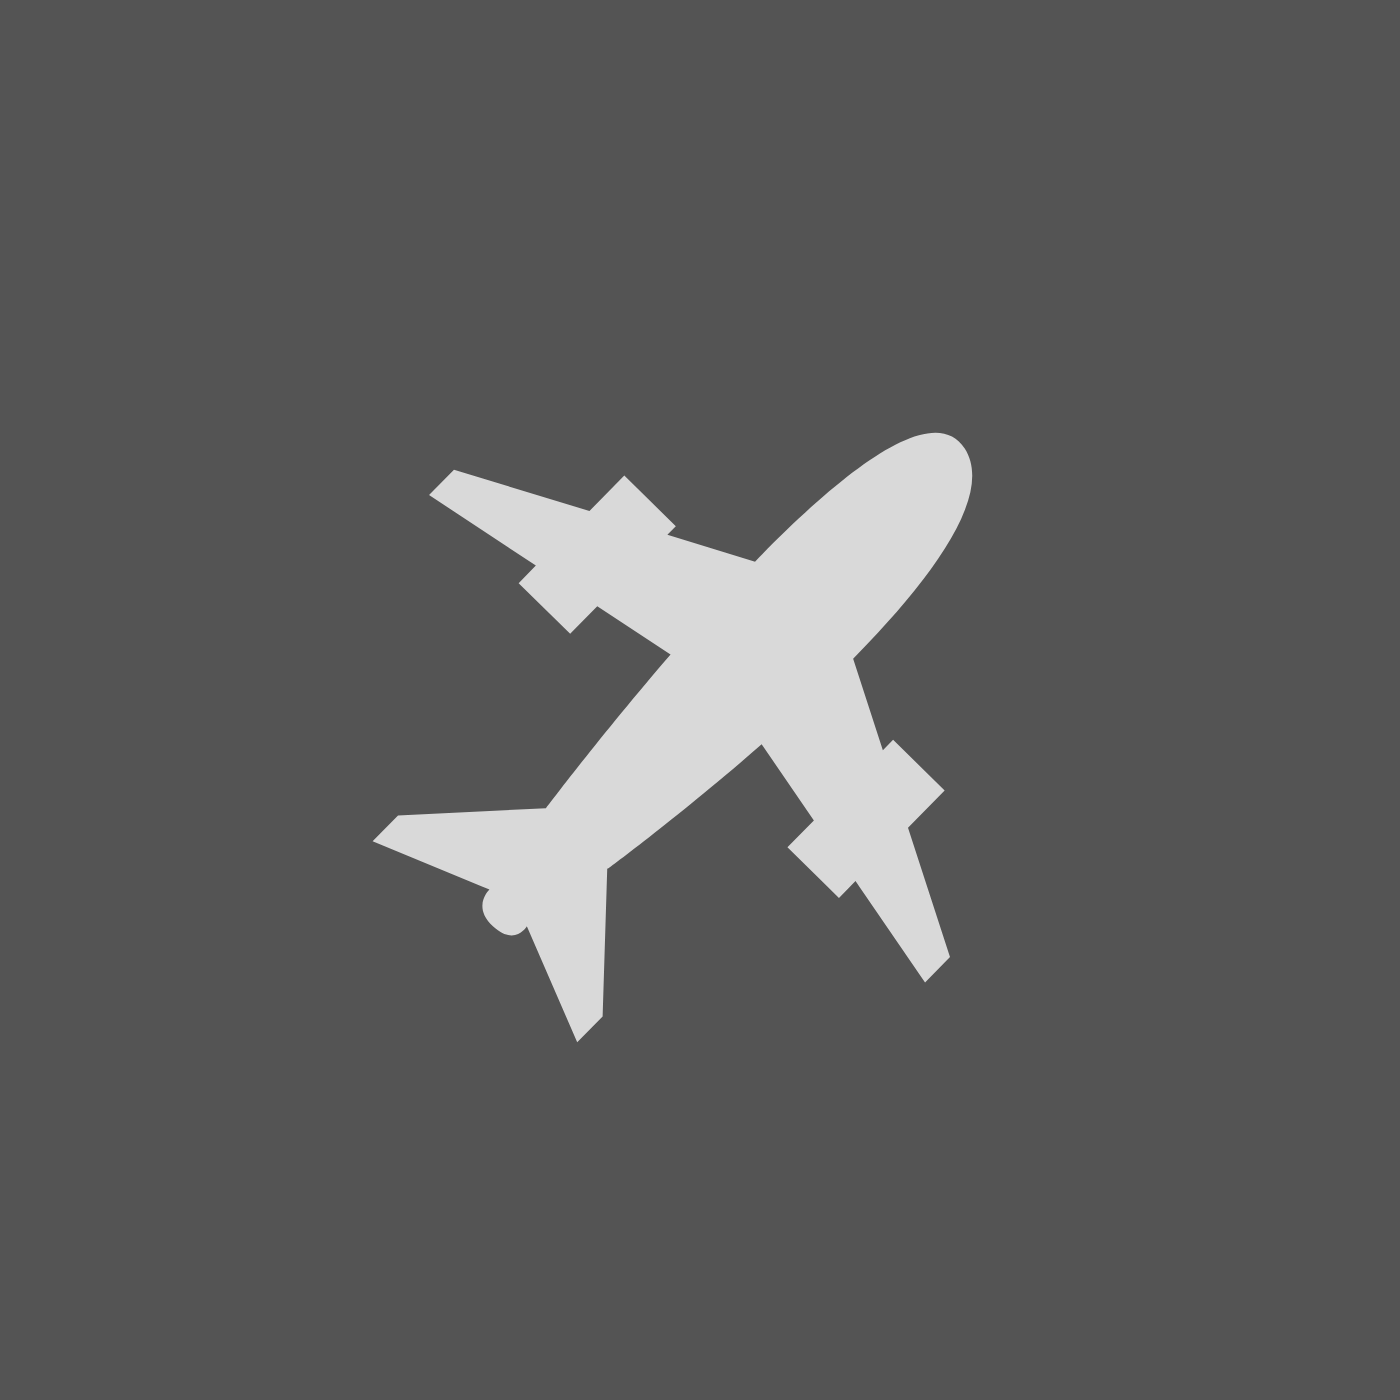 NDA Airlines